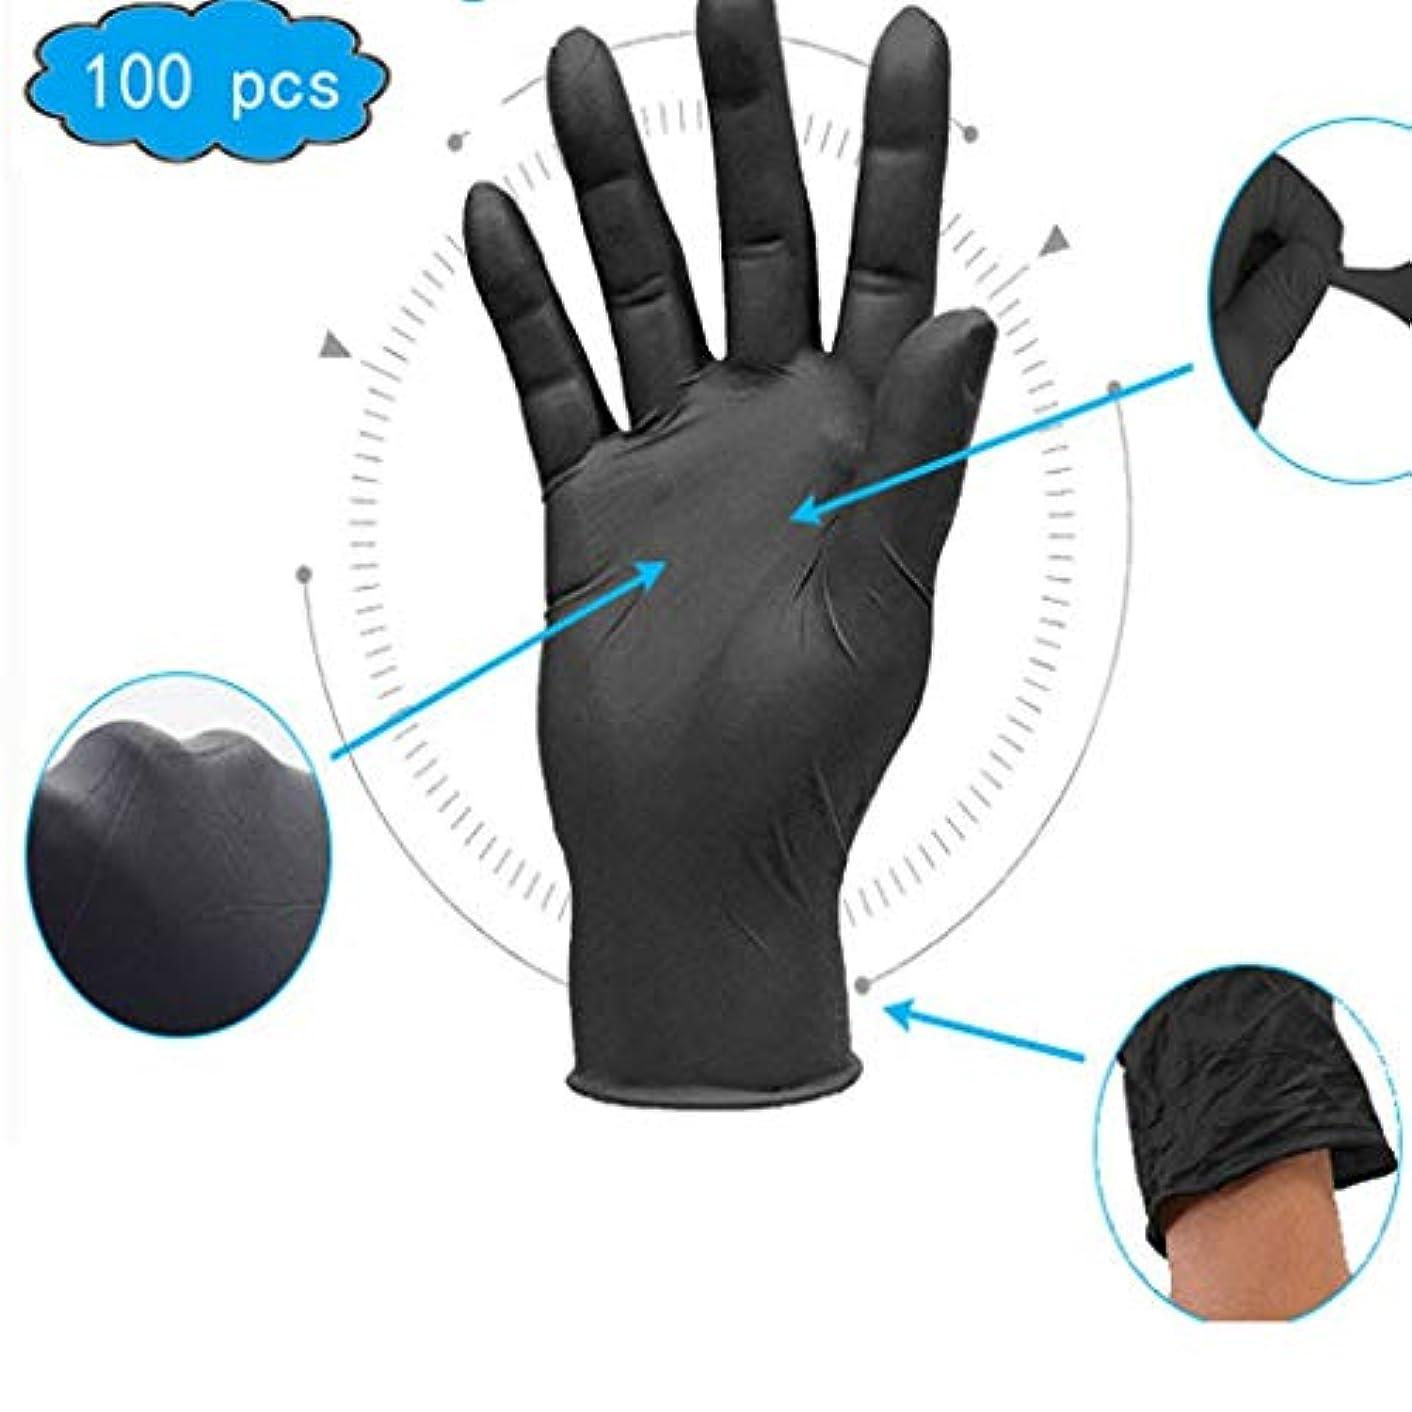 滝寄付する水銀のニトリル手袋、医薬品および備品、応急処置用品、産業用使い捨て手袋 - テクスチャード、パウダーフリー、無菌、大型、100個入り、非滅菌の使い捨て安全手袋 (Color : Black, Size : M)